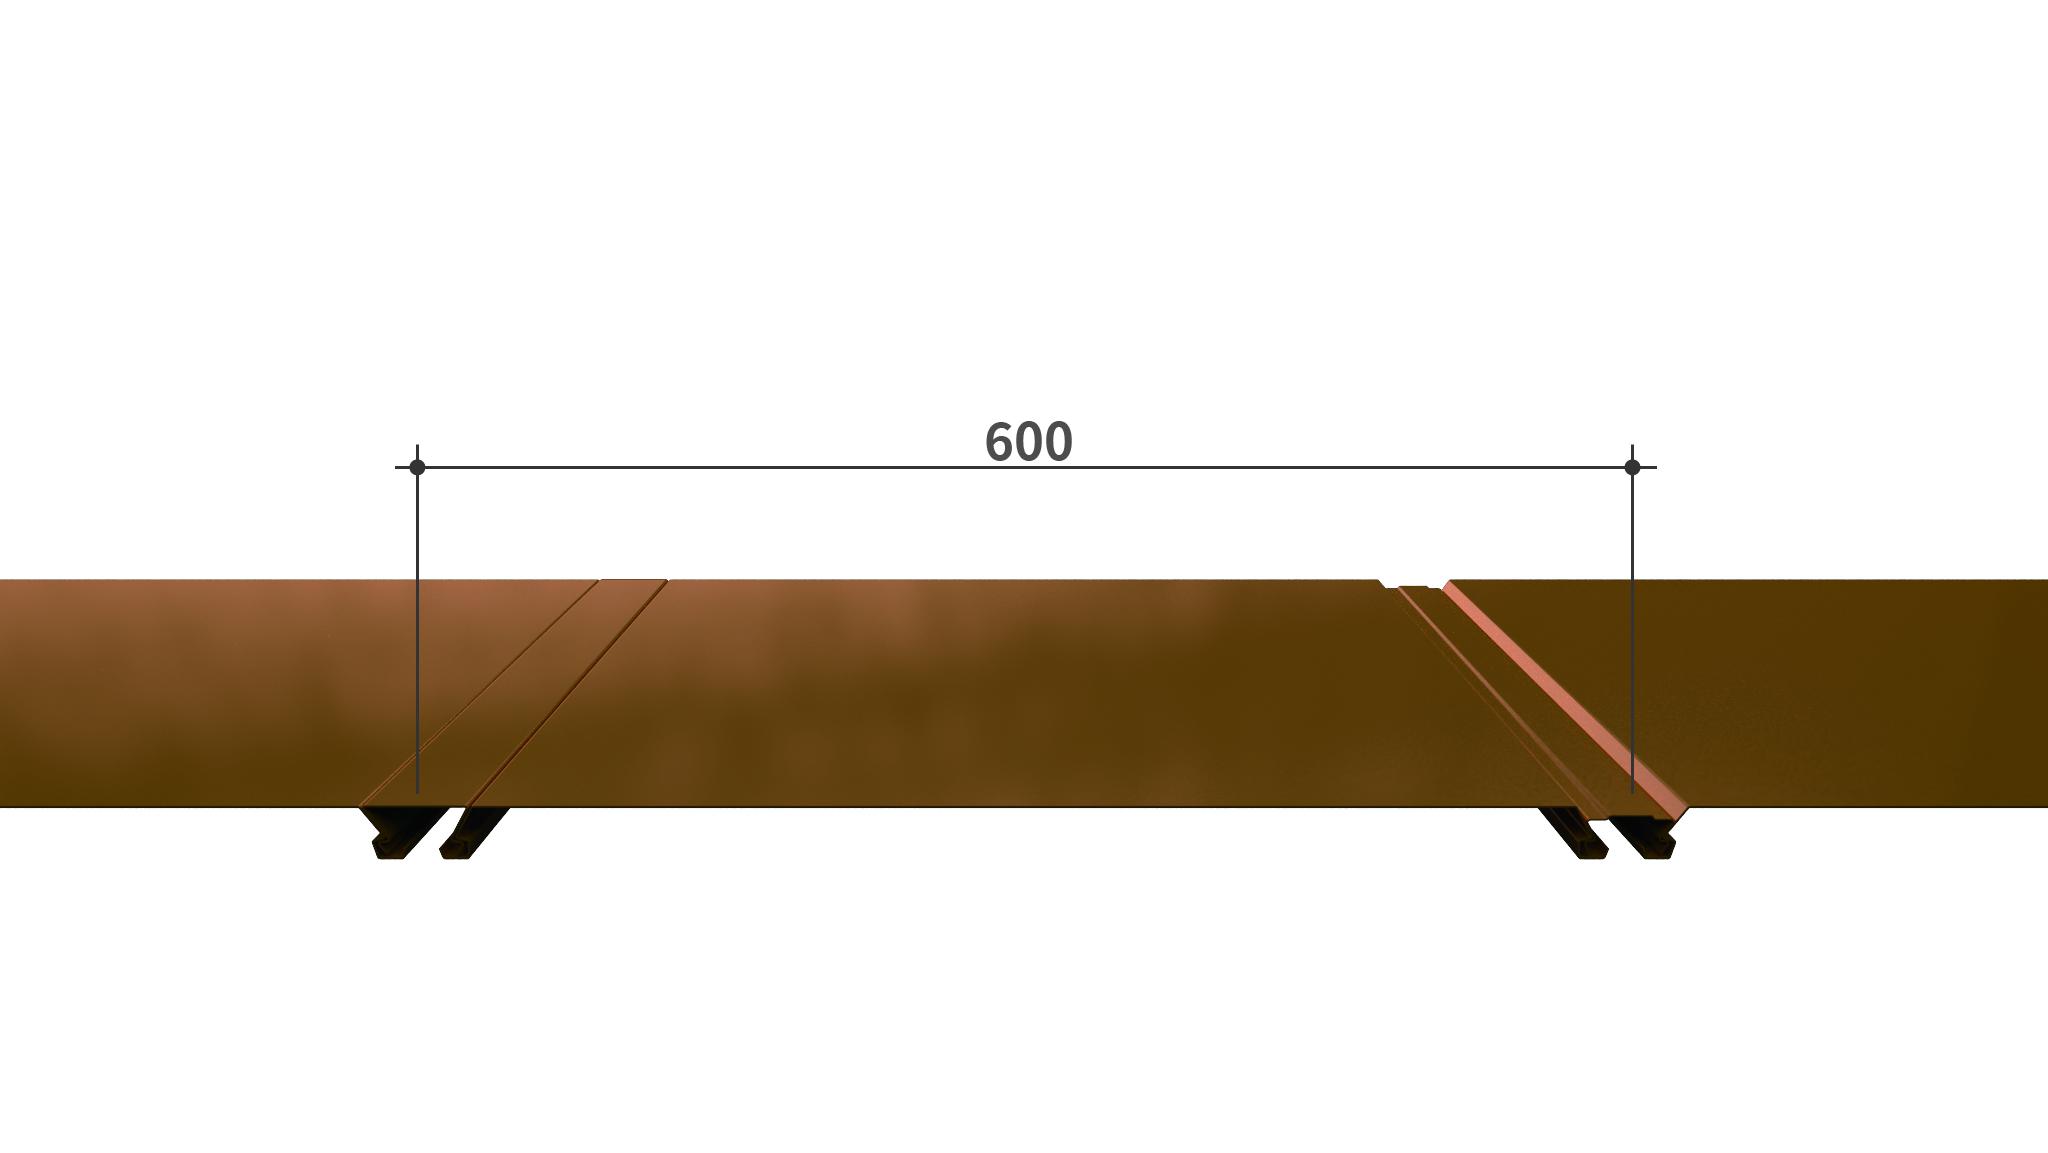 Brass_FMR600